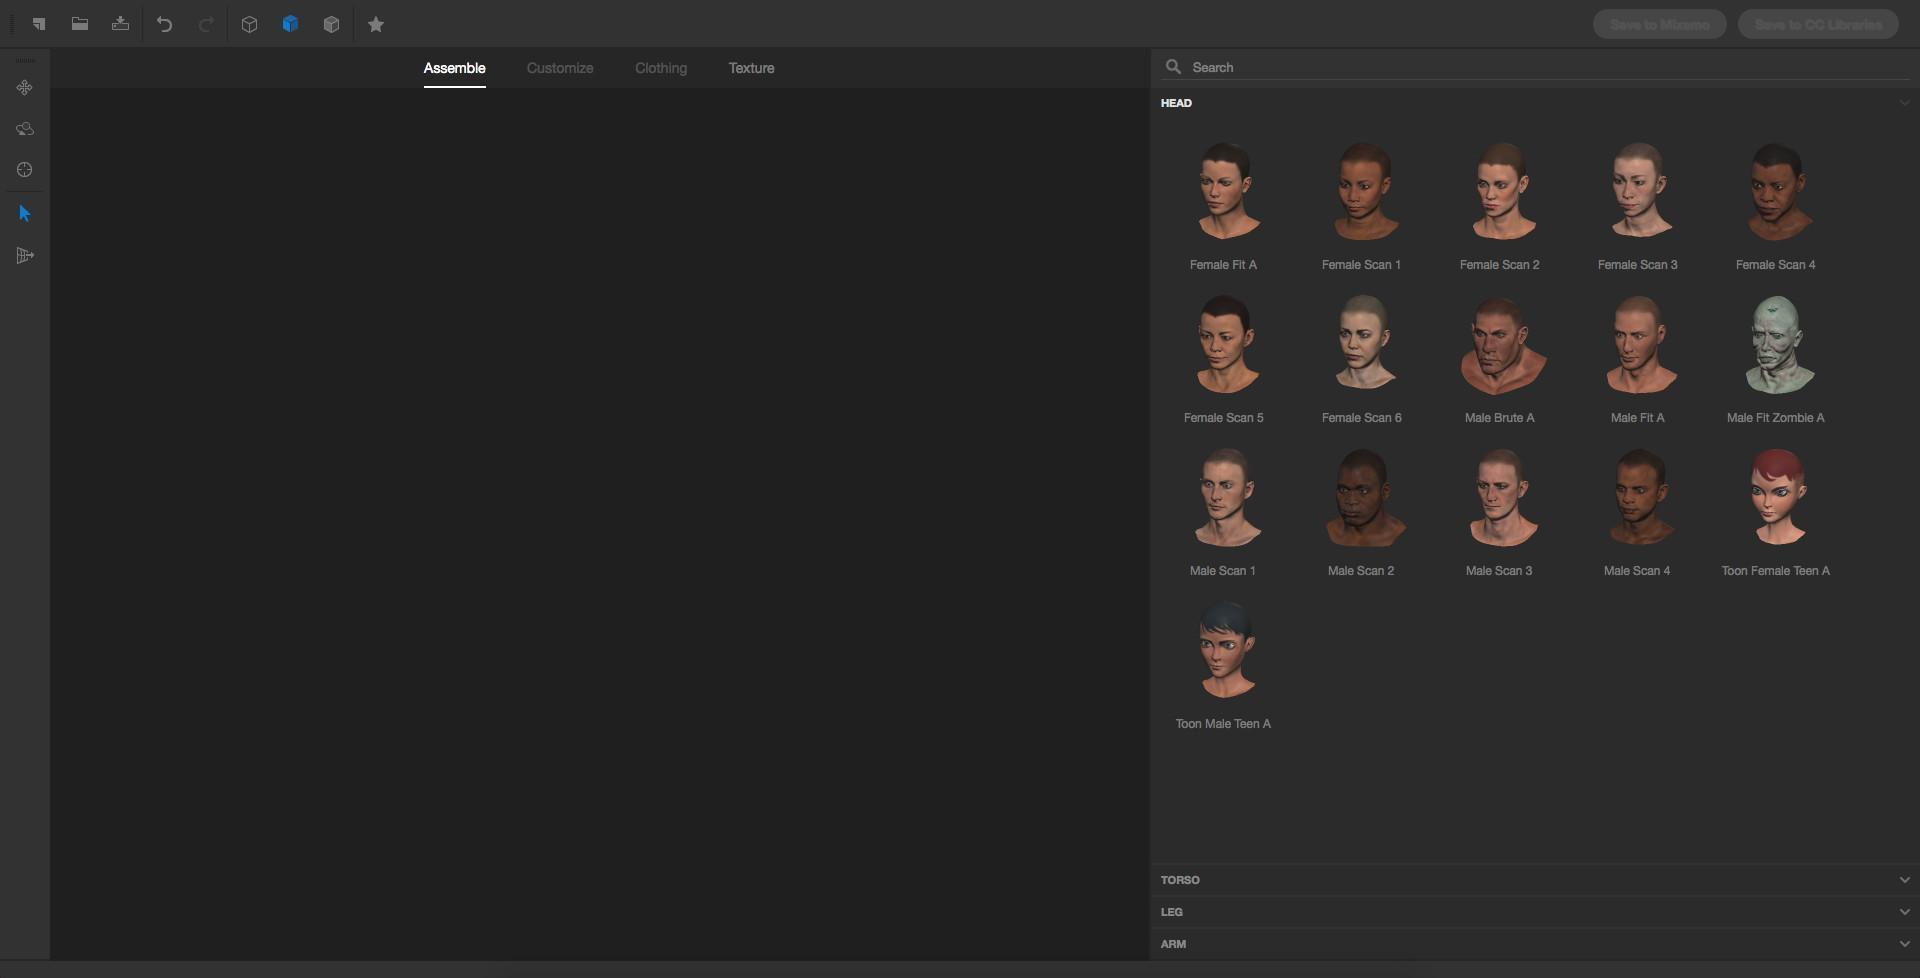 3D моделирование и анимация: руководство для начинающих - 3